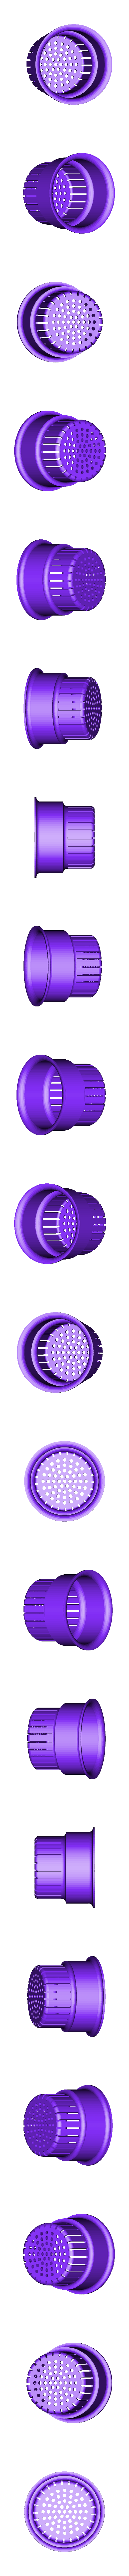 KefirStrainer_V2.stl Télécharger fichier STL gratuit Filtre Kefir • Design à imprimer en 3D, Pipapelaa